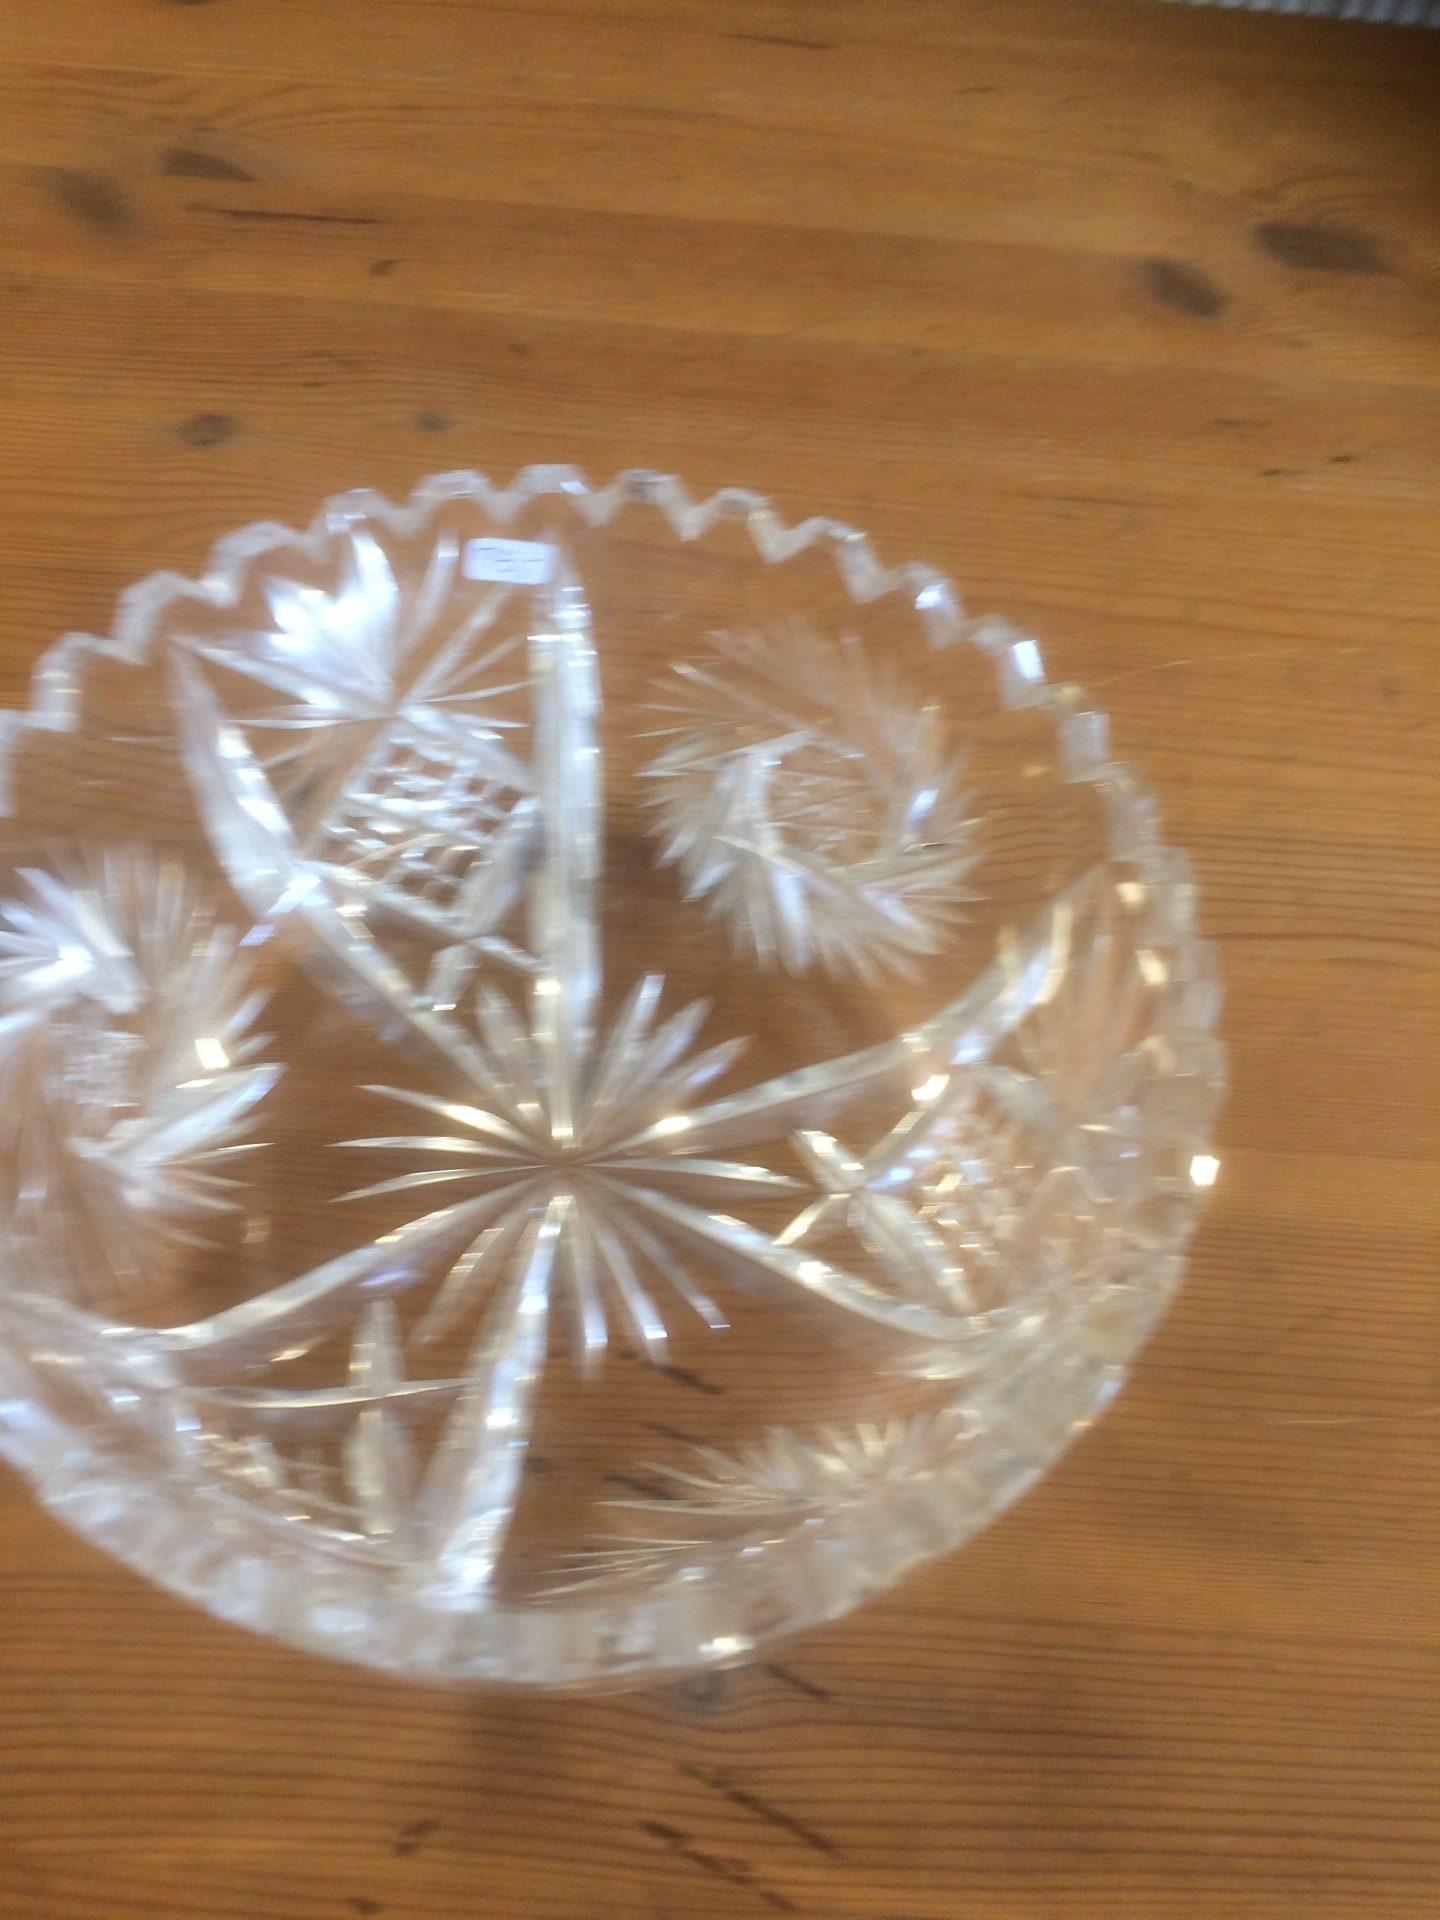 18/30 Krystal skål størrelse 190-90mm pris 75kr